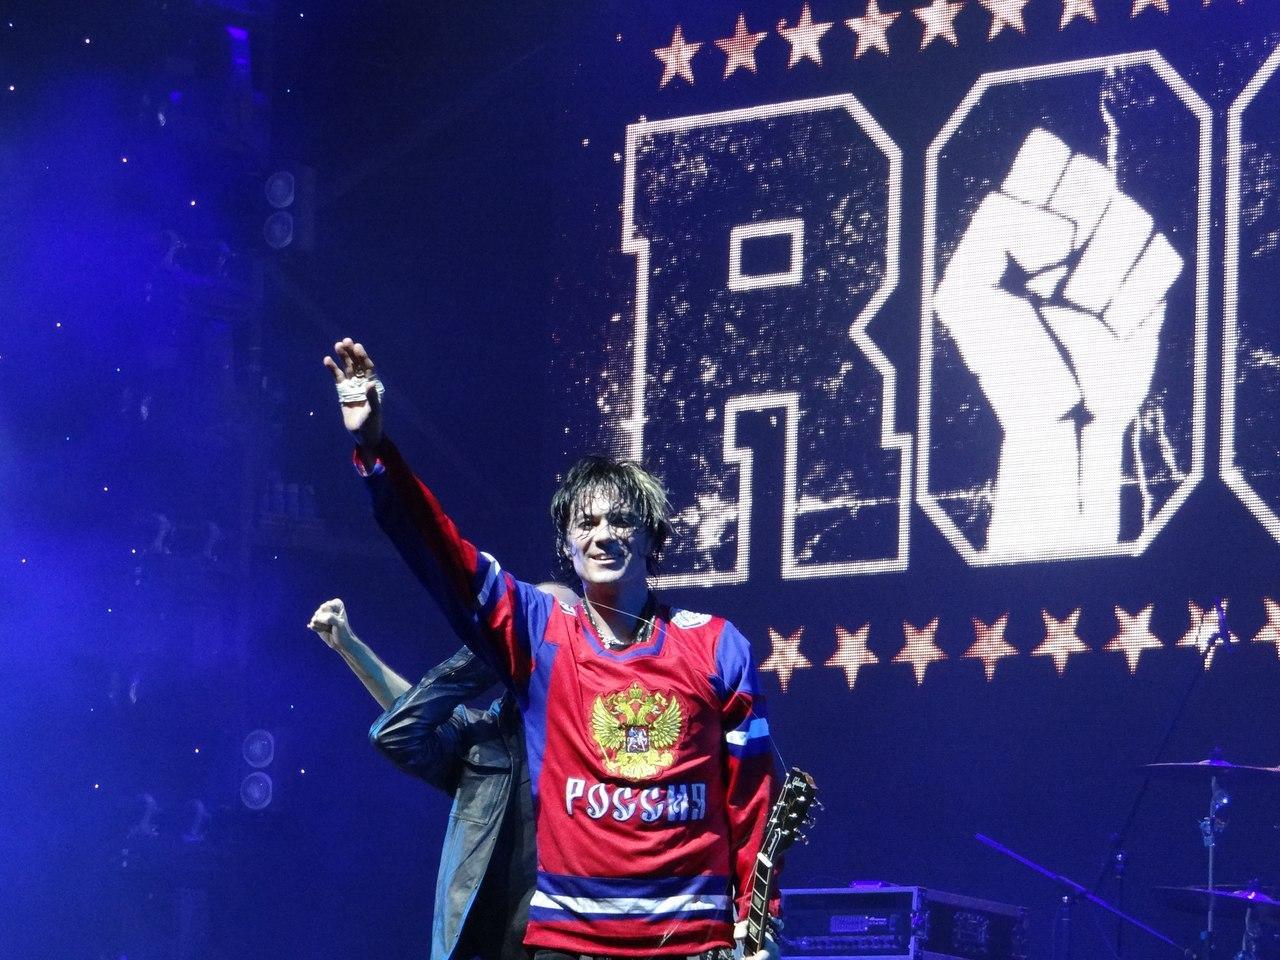 RockStar_Voronezh_nunadozhe_3